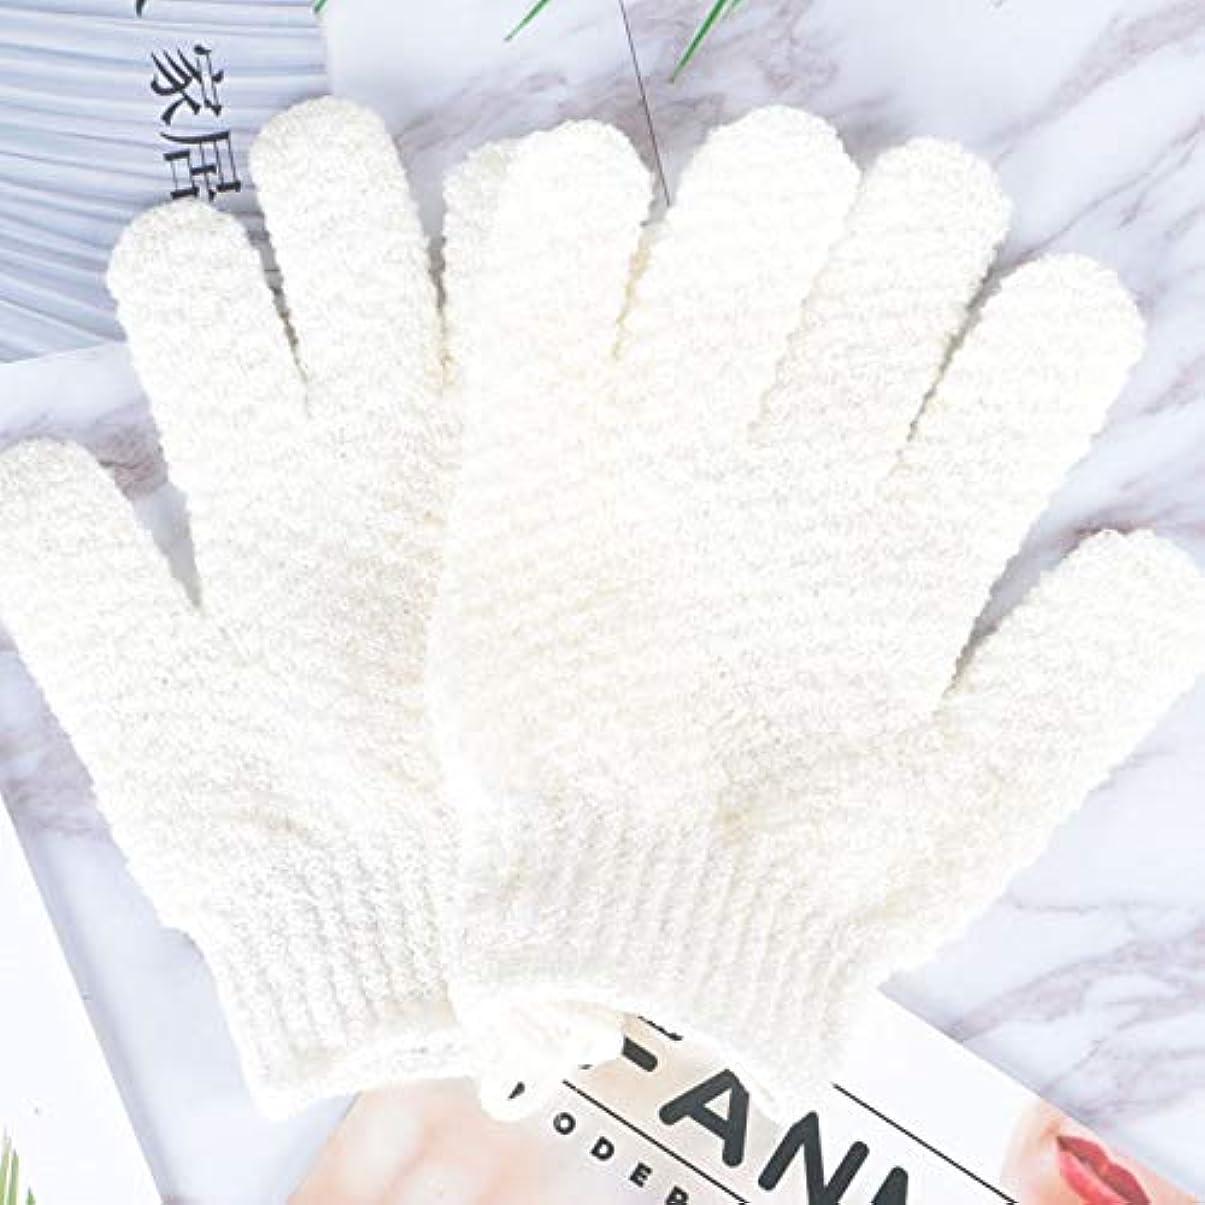 収入開示する鷲BTXXYJP お風呂用手袋 あかすり シャワー手袋 ボディタオル ボディブラシ やわらか バス用品 角質除去 (Color : GREEN-B)